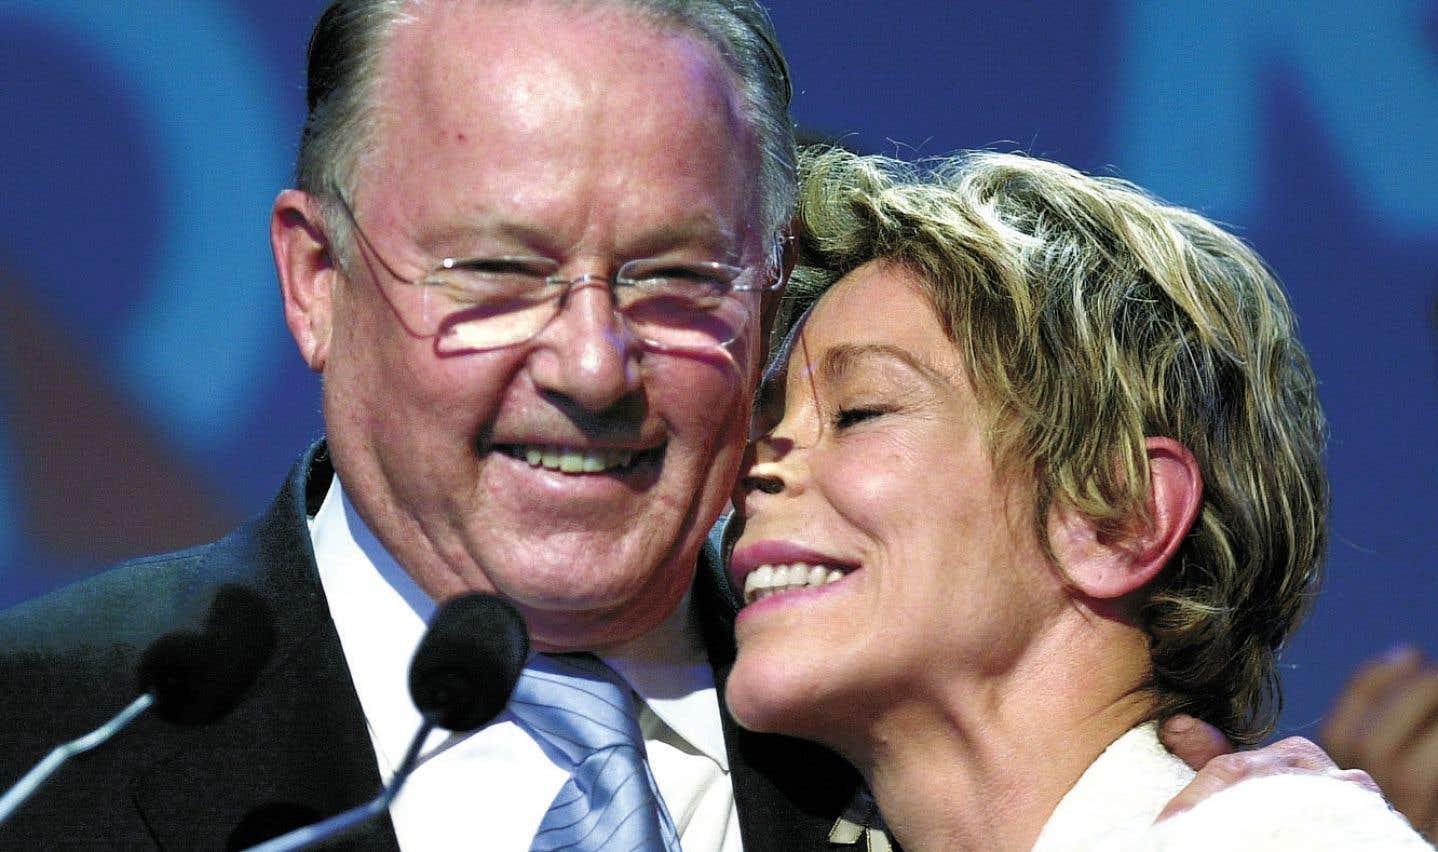 Au lendemain de sa défaite aux mains des libéraux de Jean Charest, Bernard Landry prononce un discours le 15 avril 2003, en compagnie de son épouse Chantal Renaud, au Capitole de Québec.